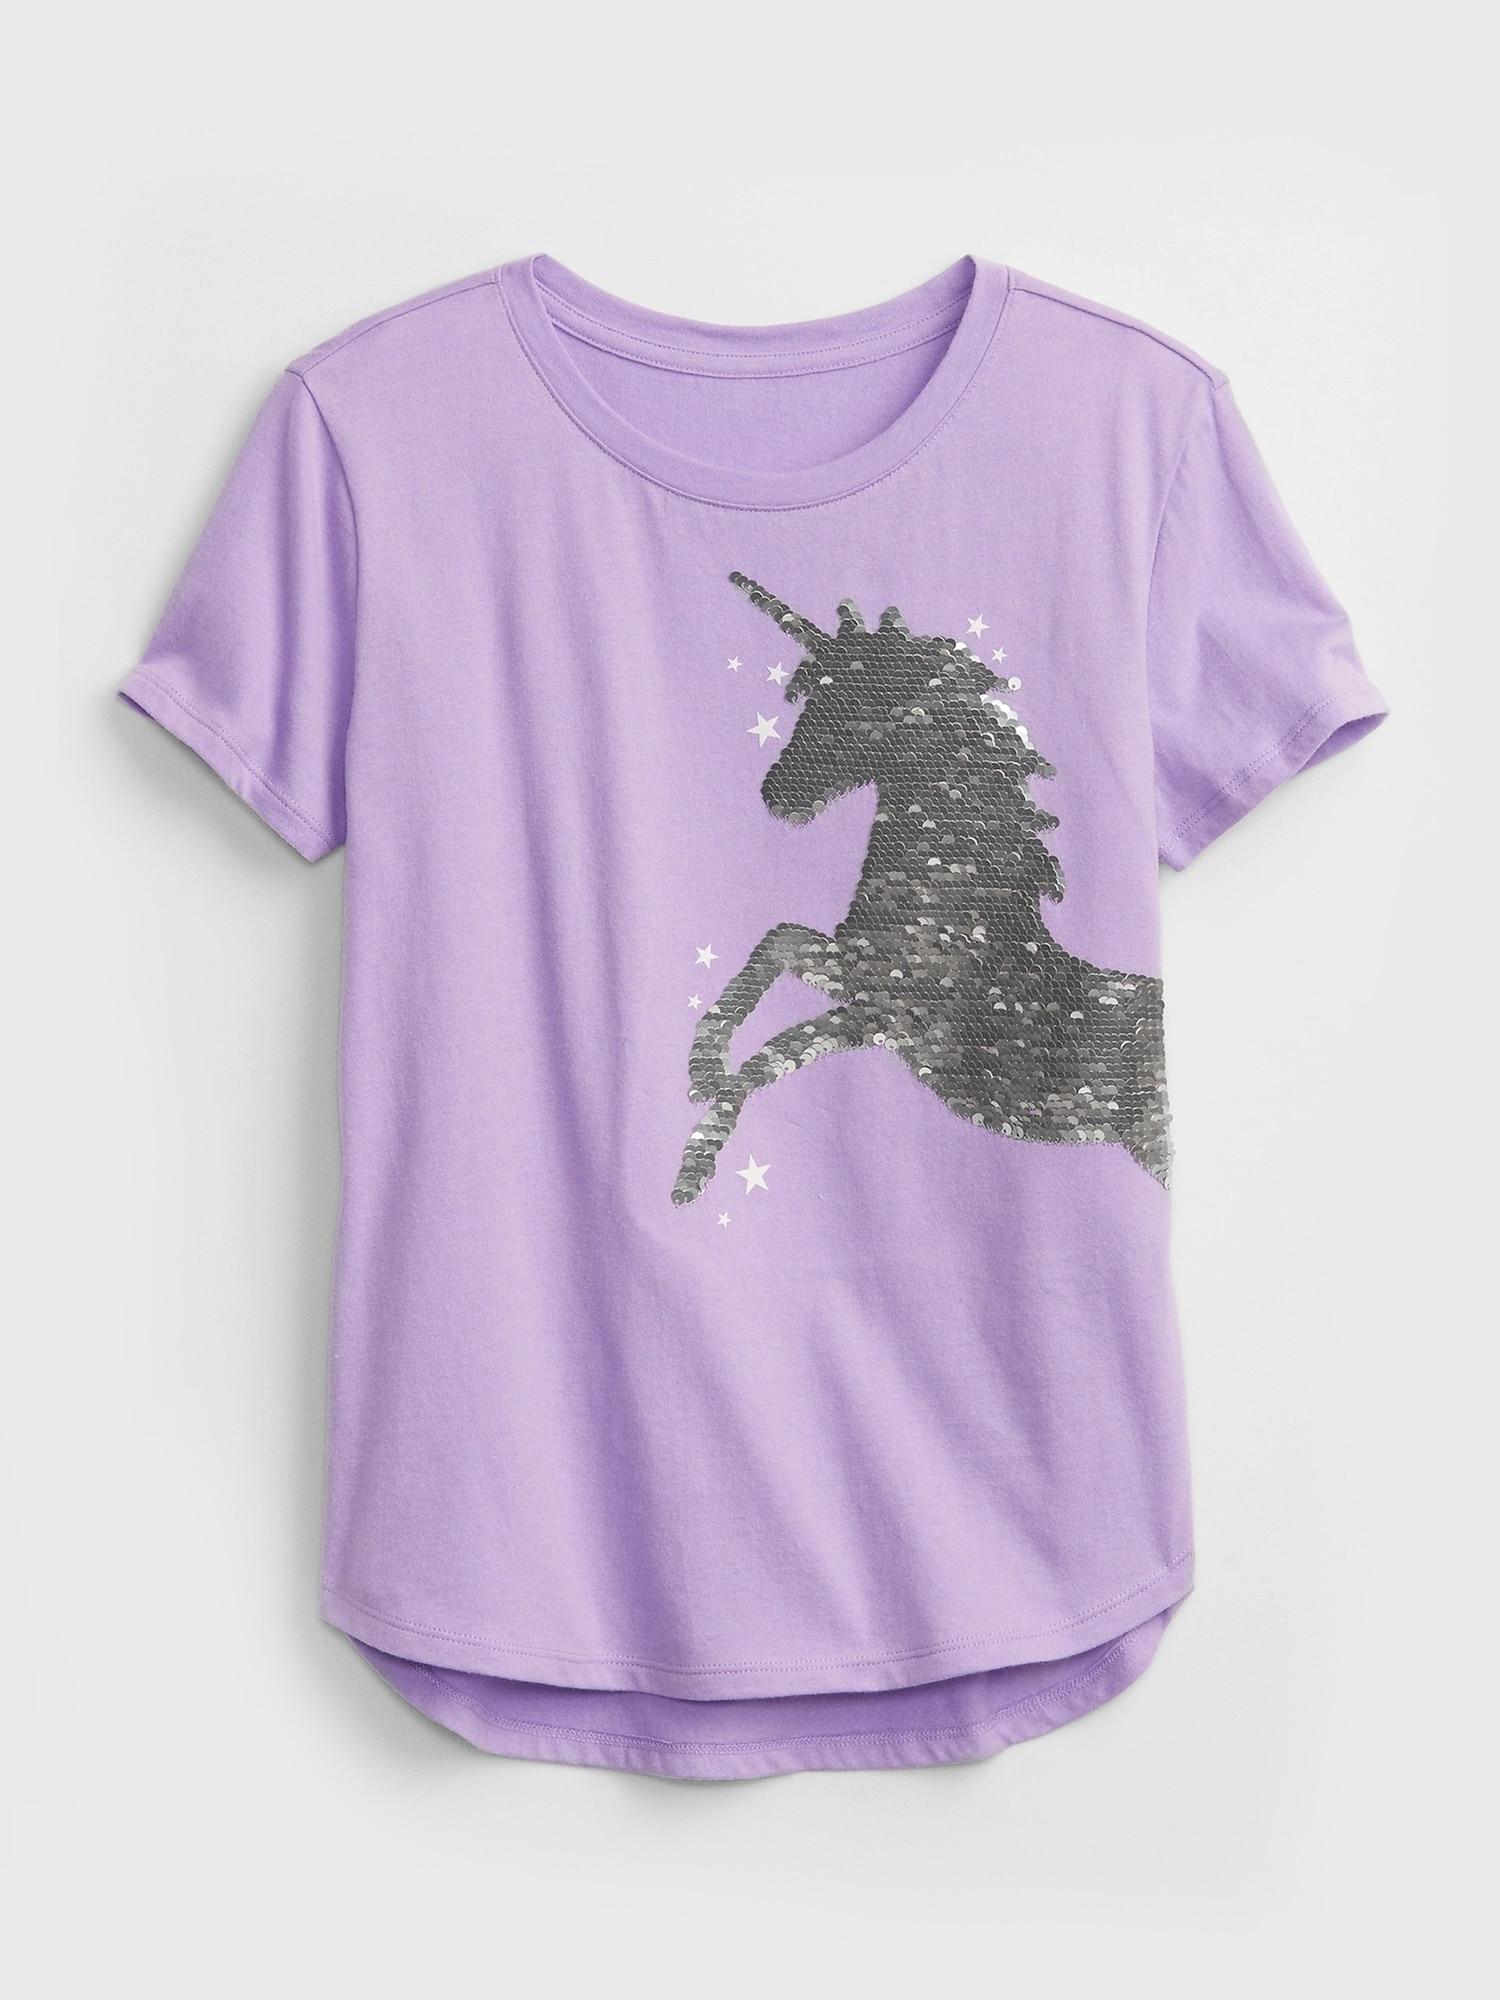 フリッピースパンコール グラフィックtシャツ (キッズ)